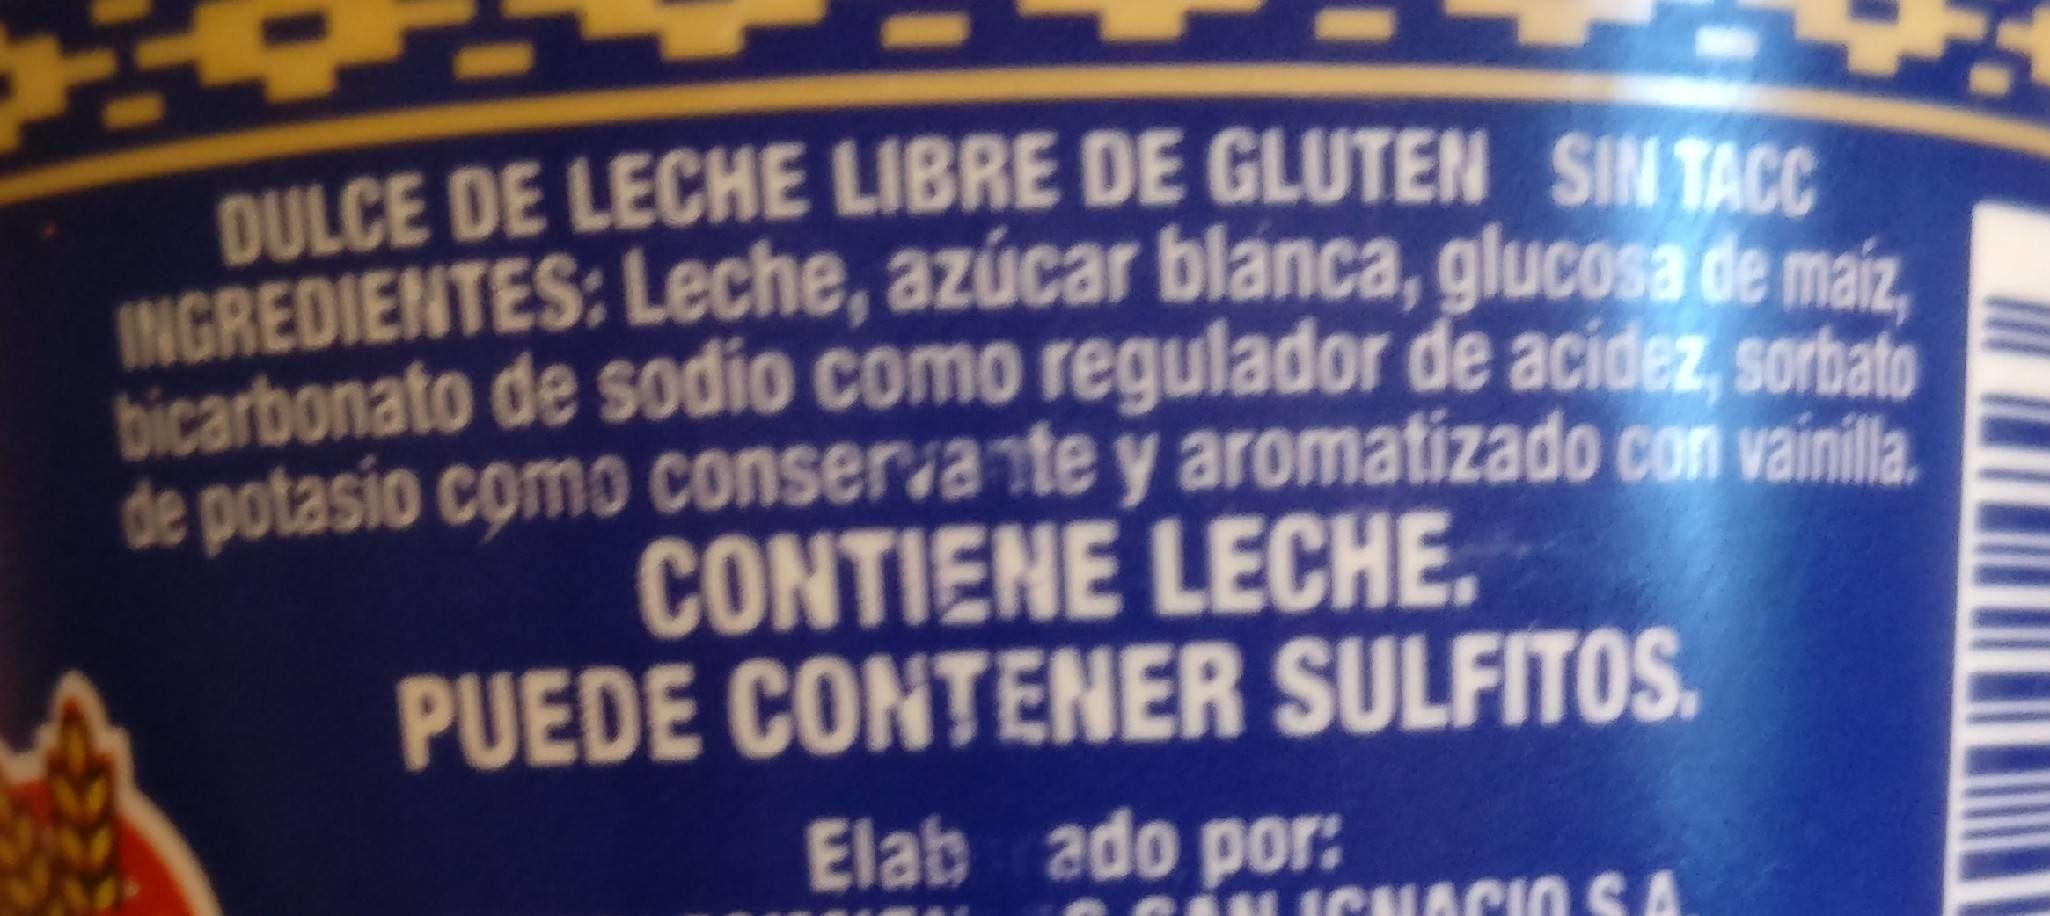 Dulce Leche San Ignacio X 400 G - Ingrédients - fr